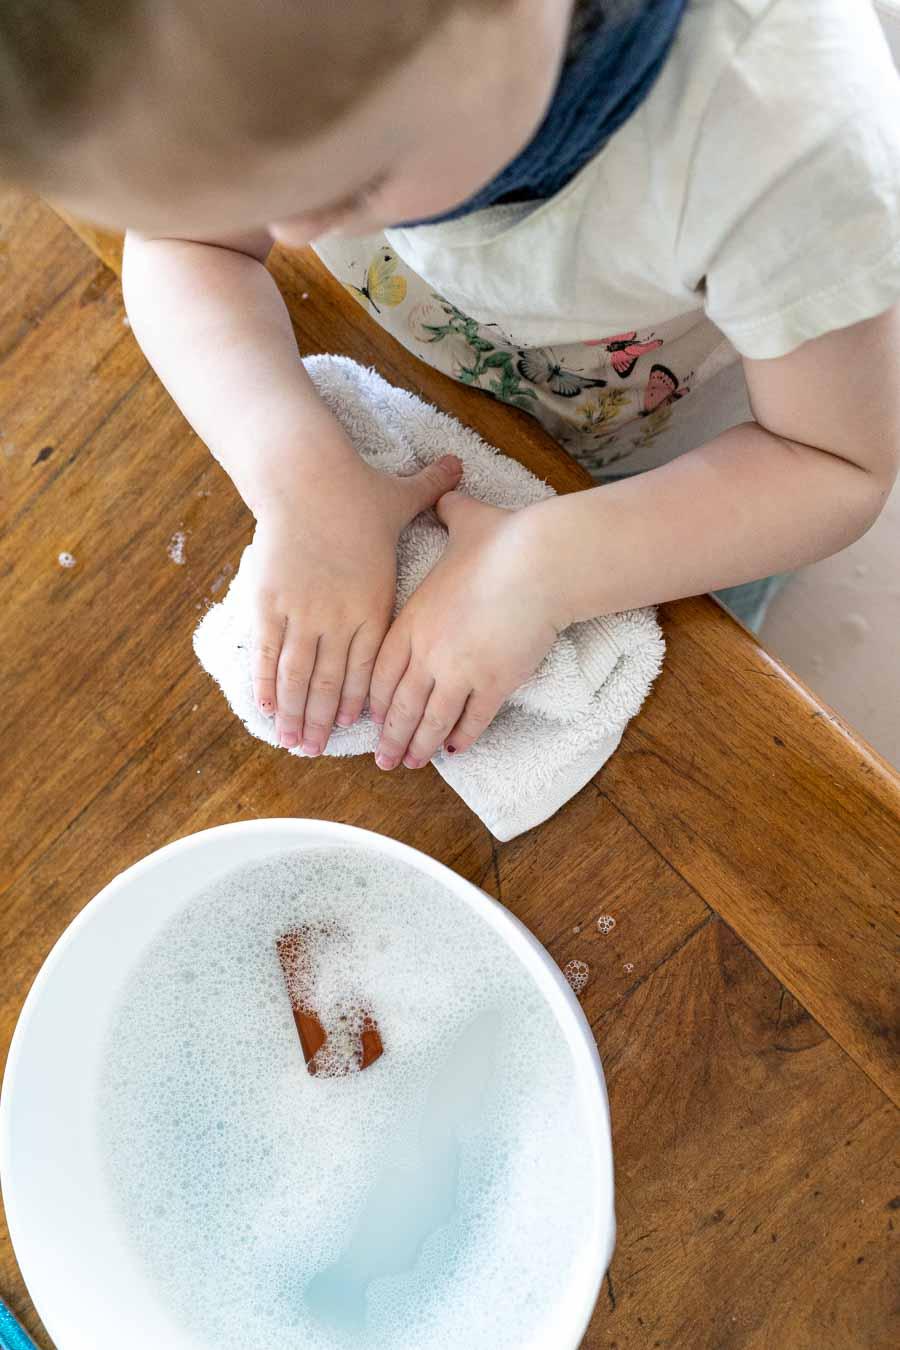 Händewaschen Kinder Spielidee: Letzter Schritt - Gut abtrocknen